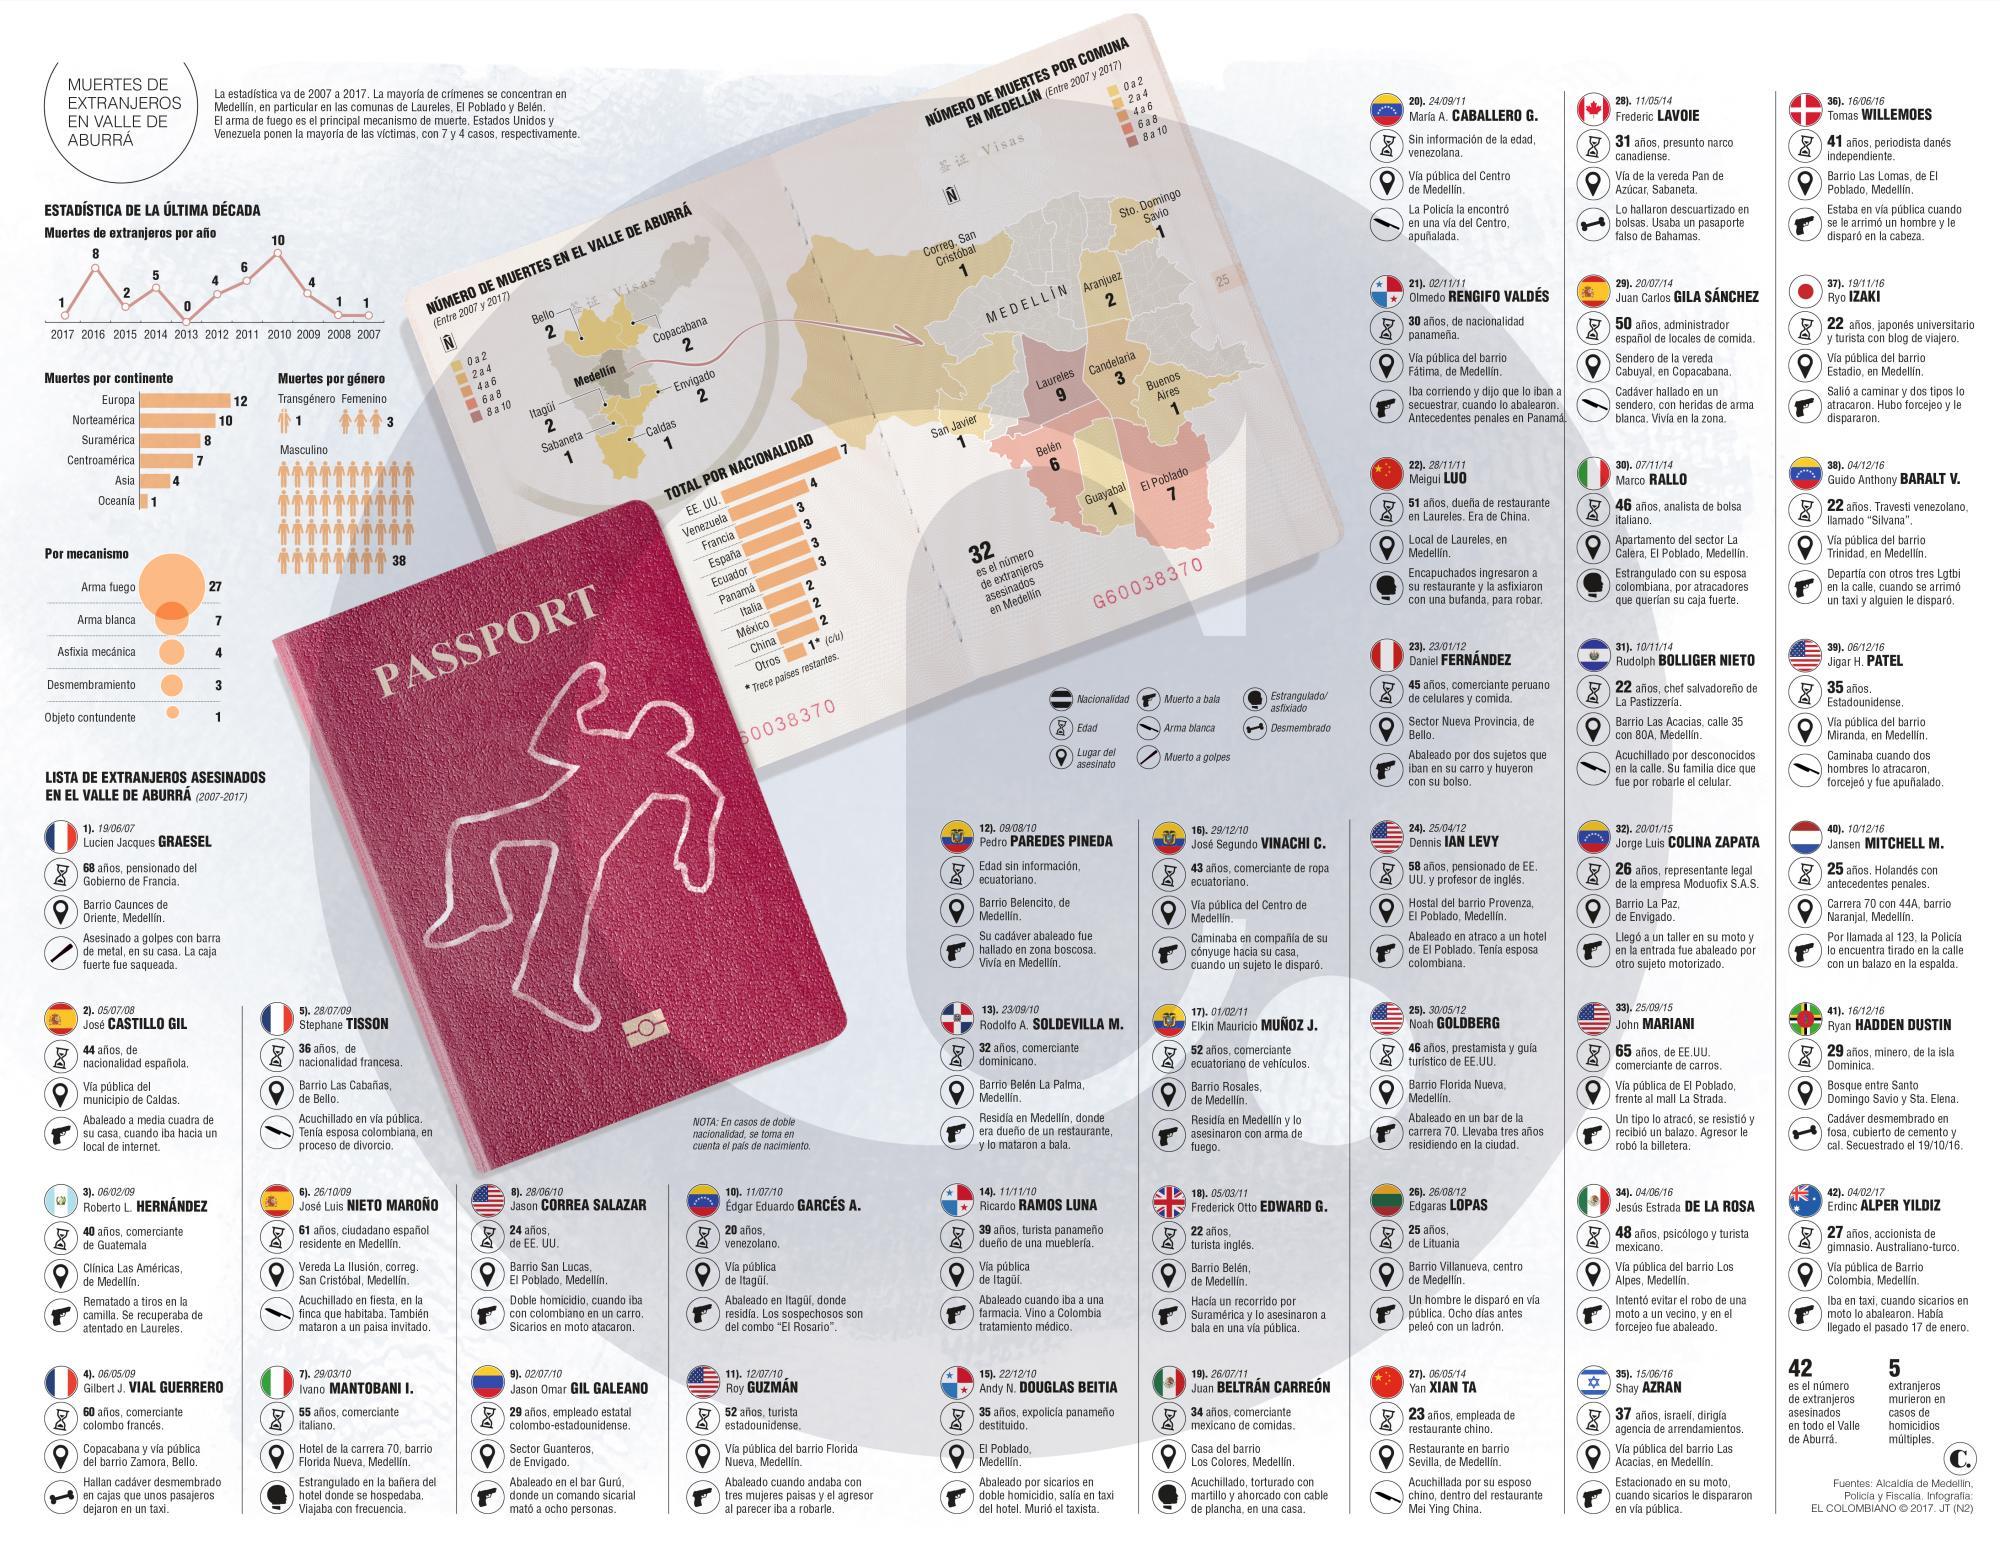 Casos de muertes de extranjeros en Medellín